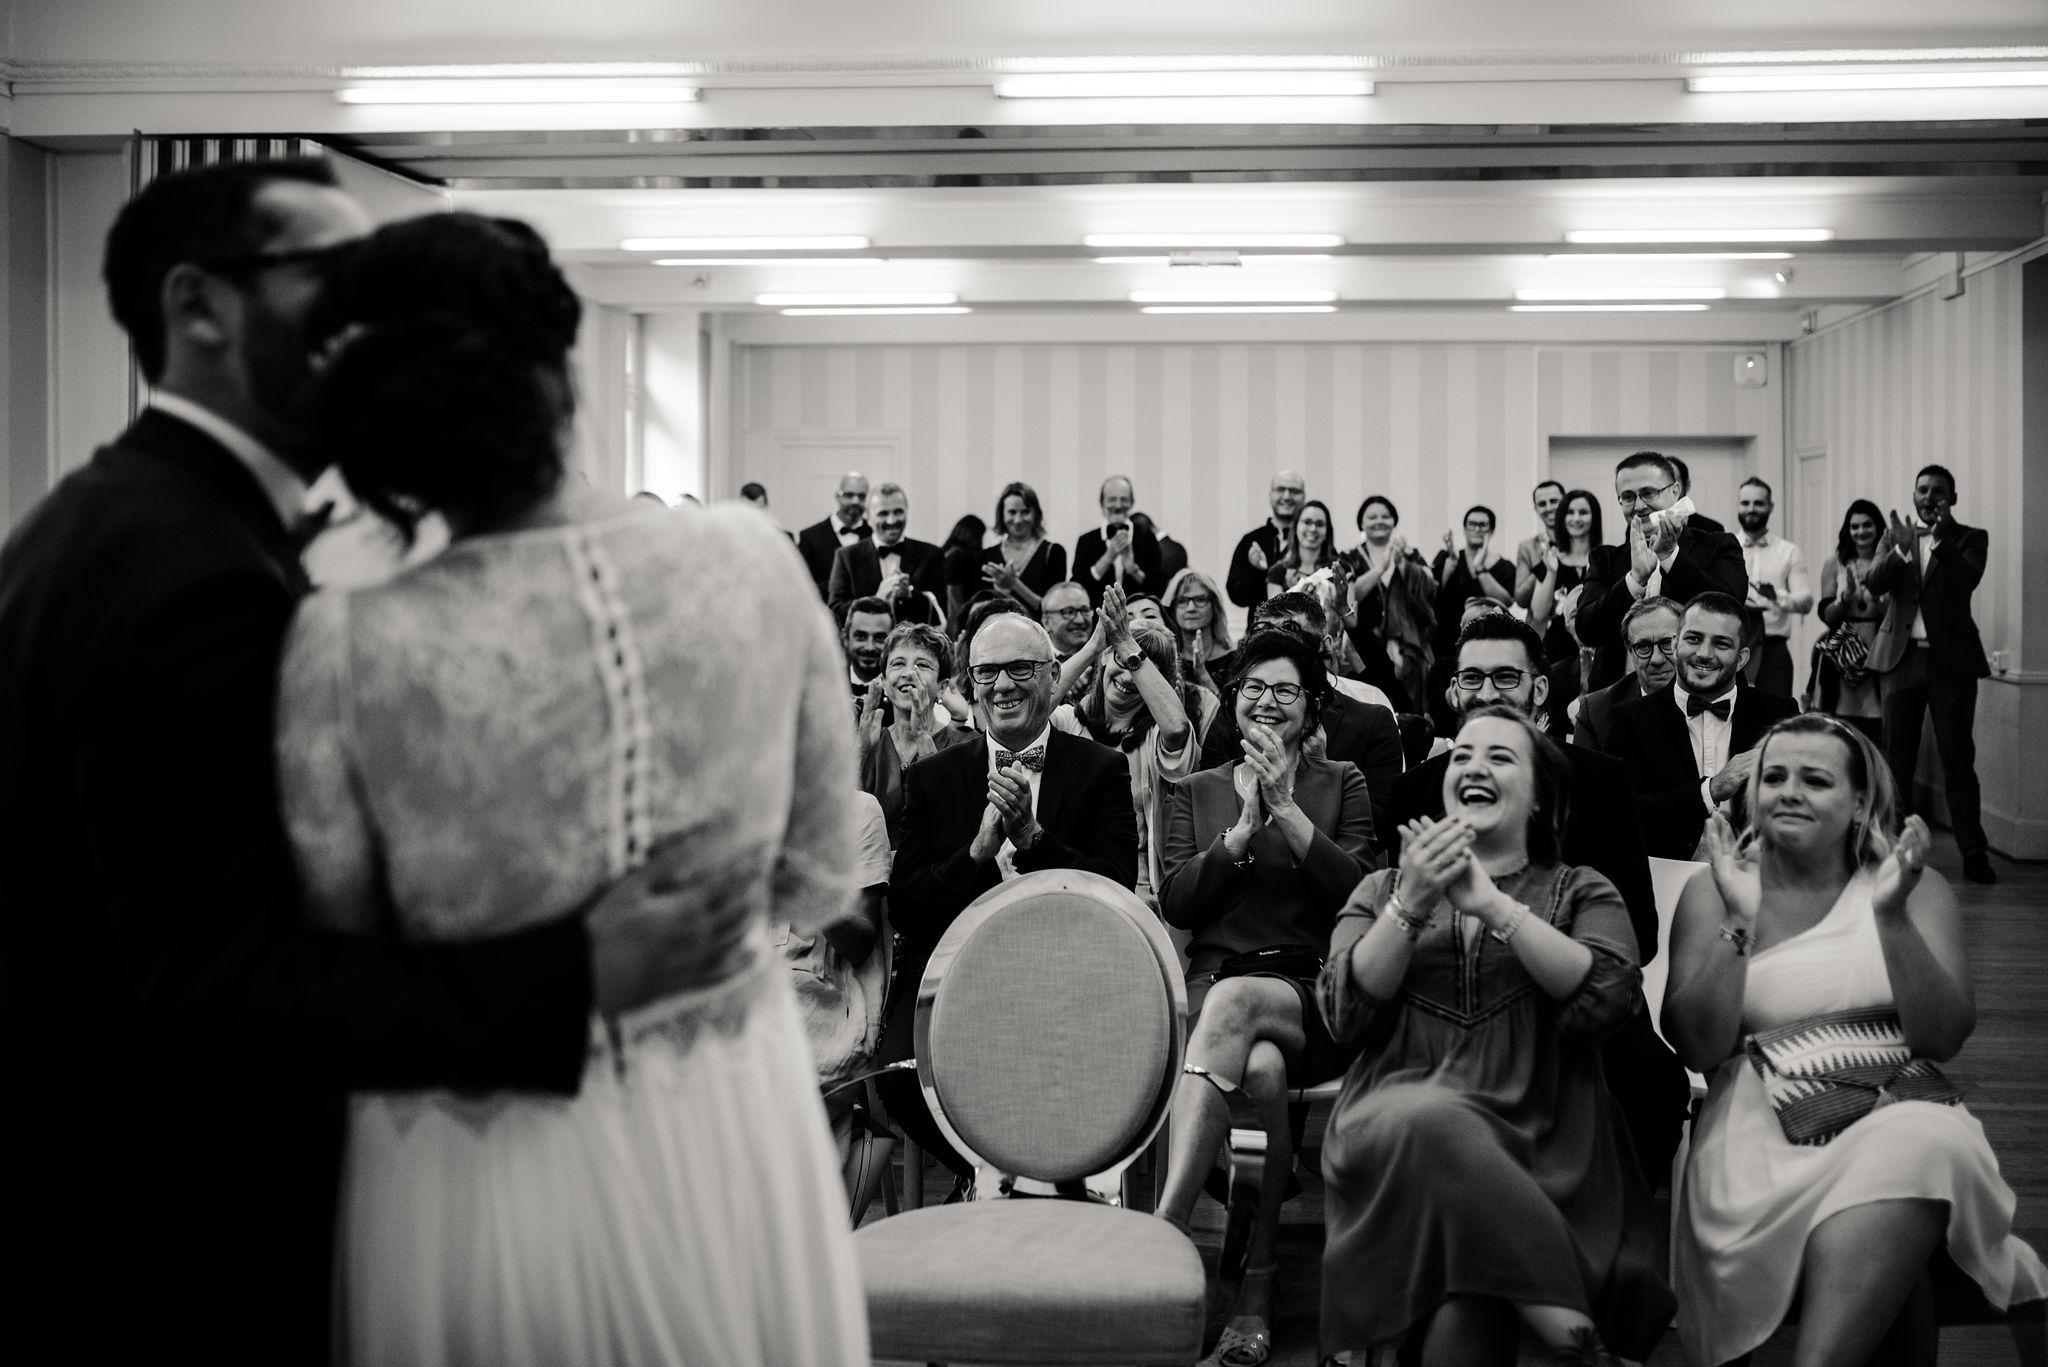 Léa-Fery-photographe-professionnel-lyon-rhone-alpes-portrait-creation-mariage-evenement-evenementiel-famille-5614.jpg